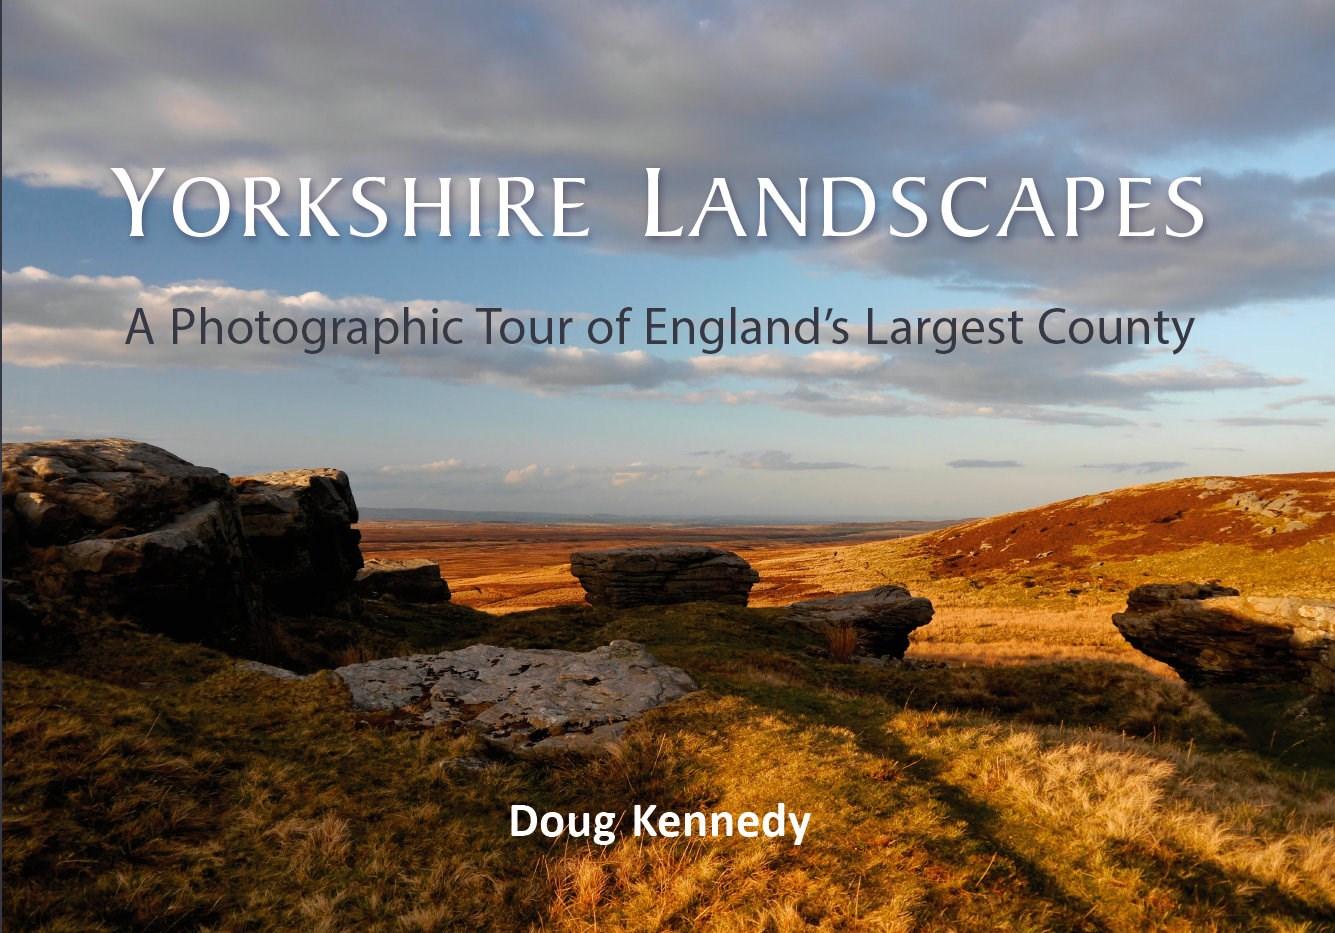 Yorkshire Landscapes